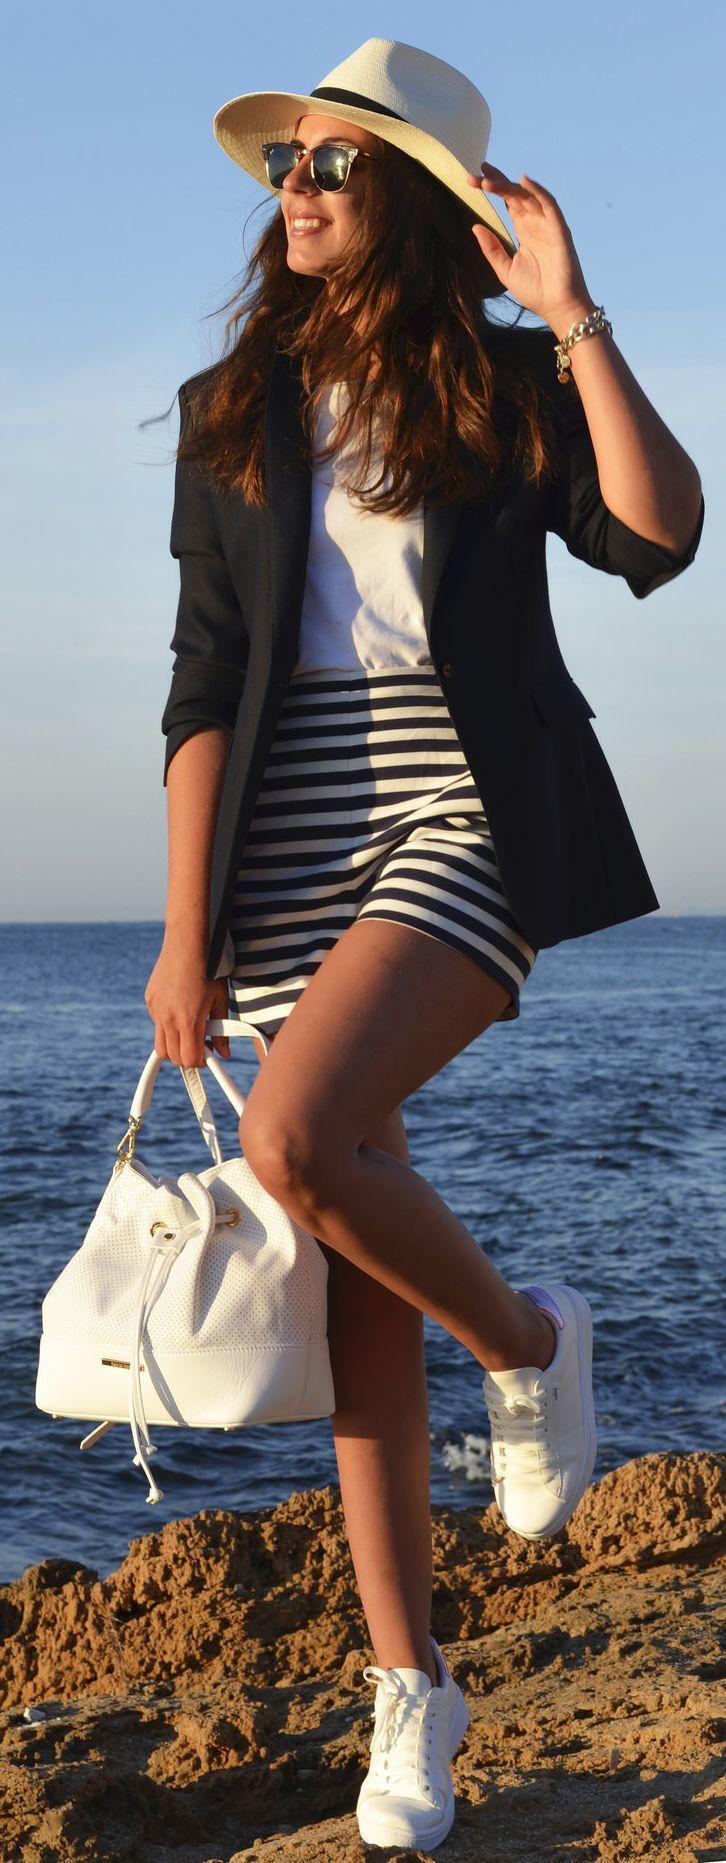 White Sneakers Nautical Style by 1sillaparamibolso